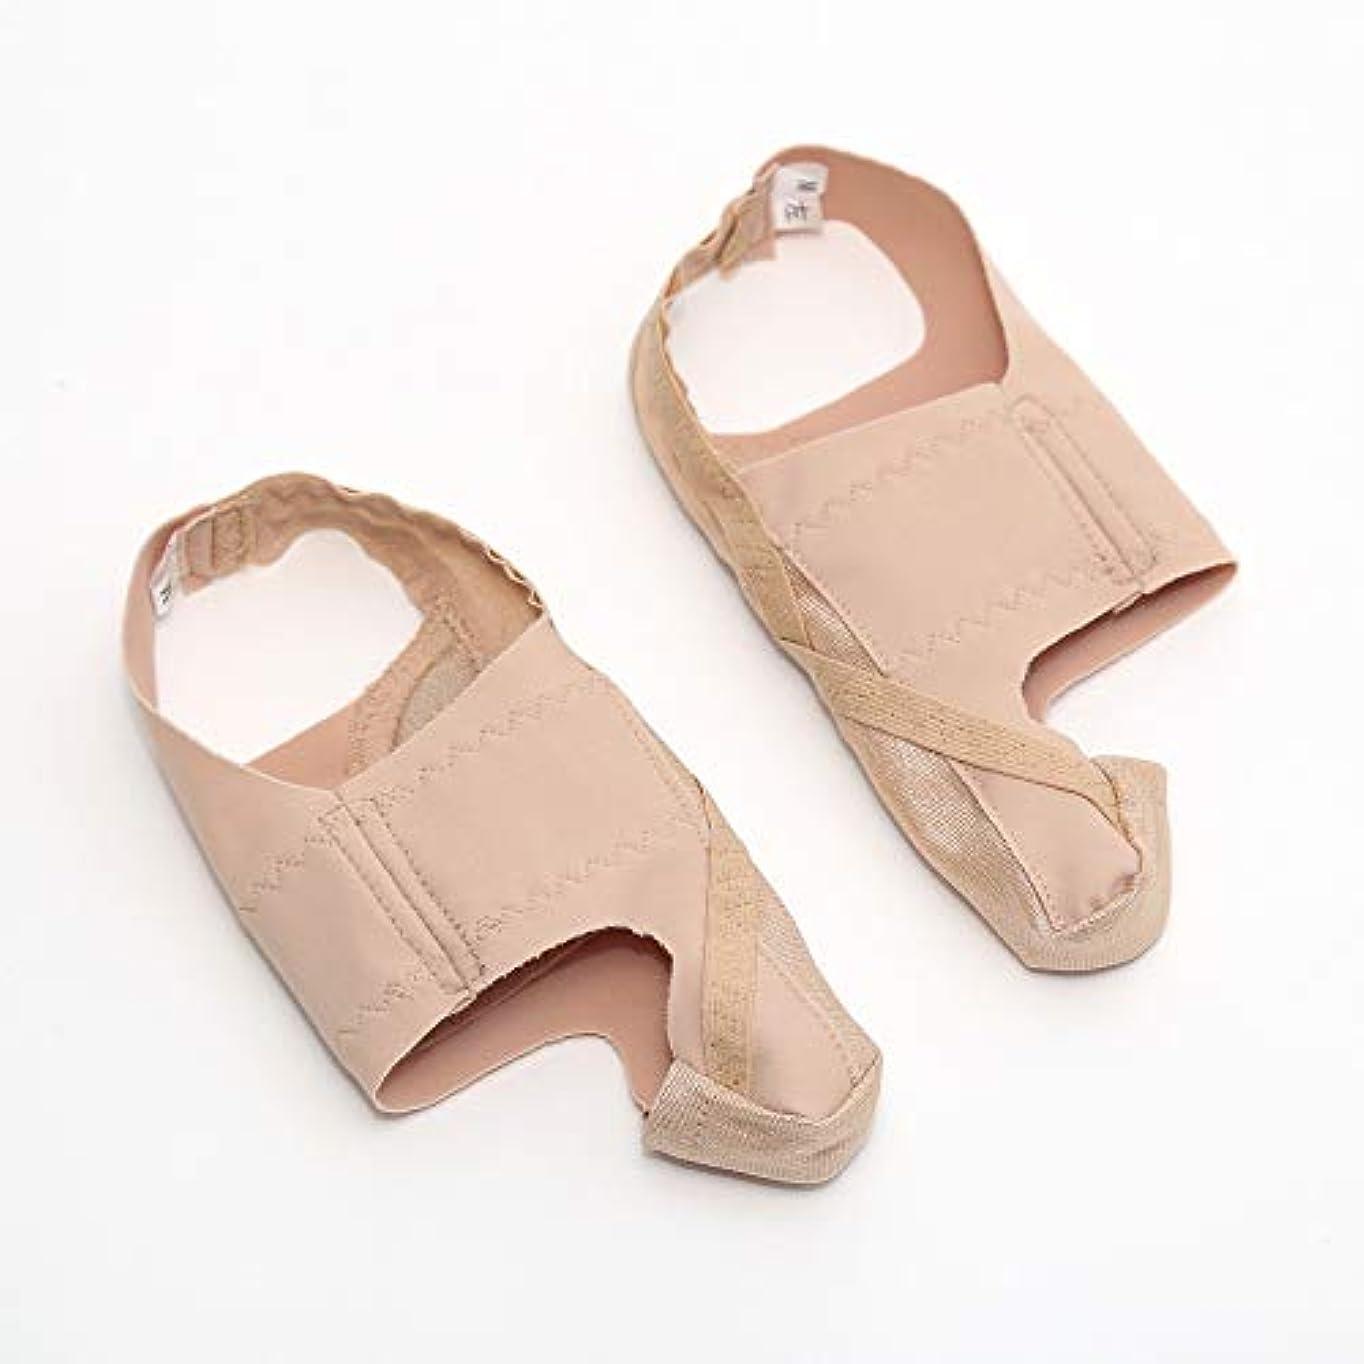 超越する測る綺麗な靴も履けるんデス EX Mサイズ コエンザイムQ10 美容エッセンスマスク付セット